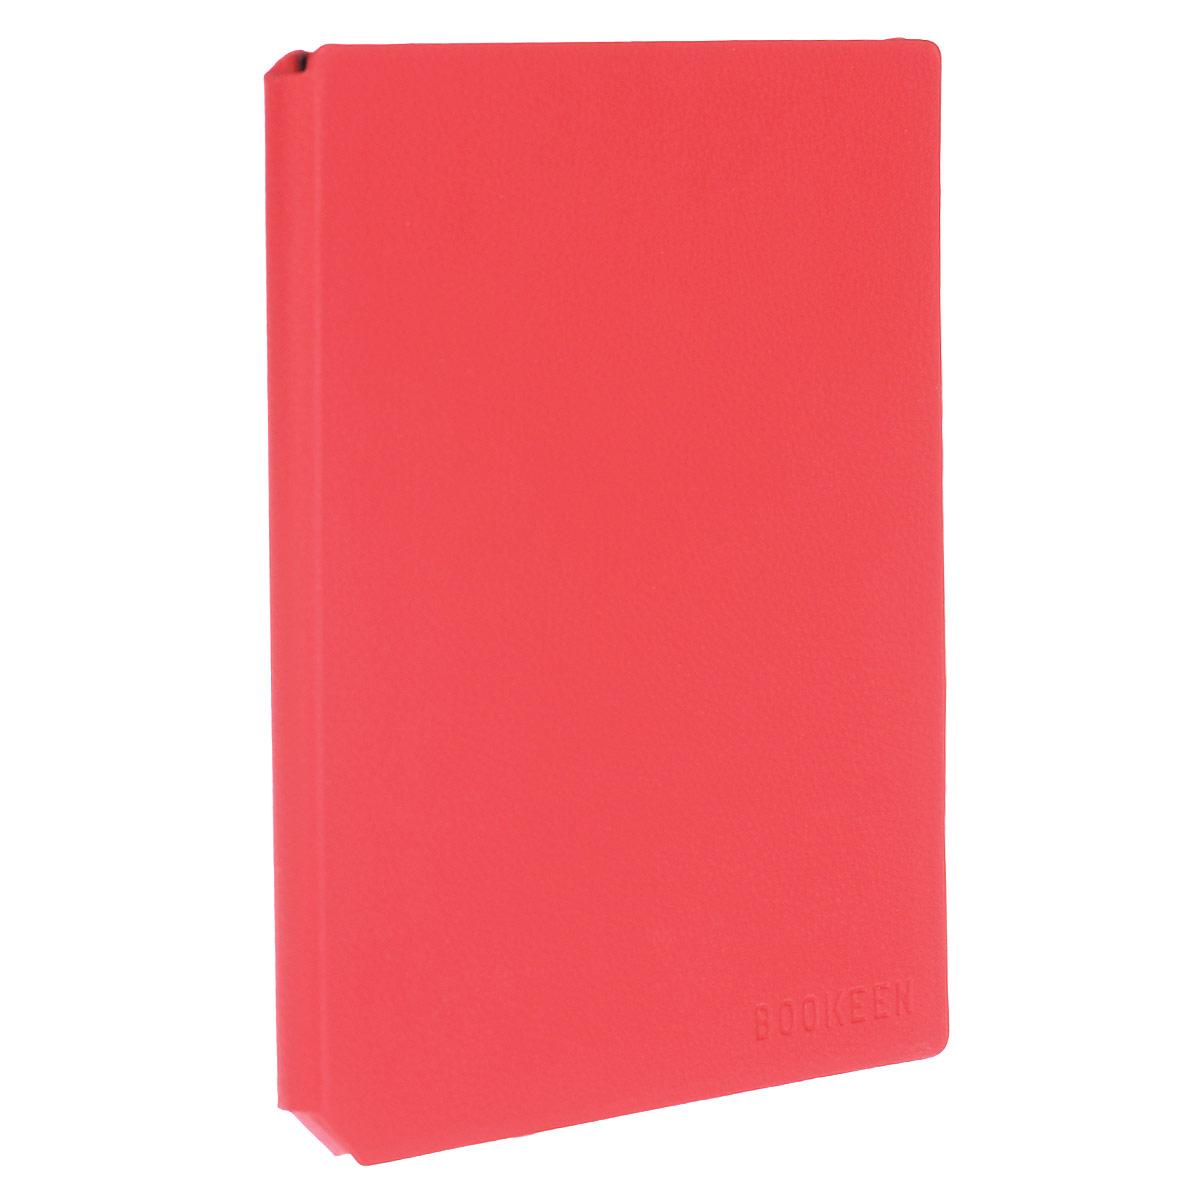 Bookeen чехол для Cybook Ocean, RedCOVERCON-RVСпециально разработанный чехол одевается на электронную книгу Bookeen Cybook Ocean. Защищает устройство от пыли, влаги и механических повреждений.